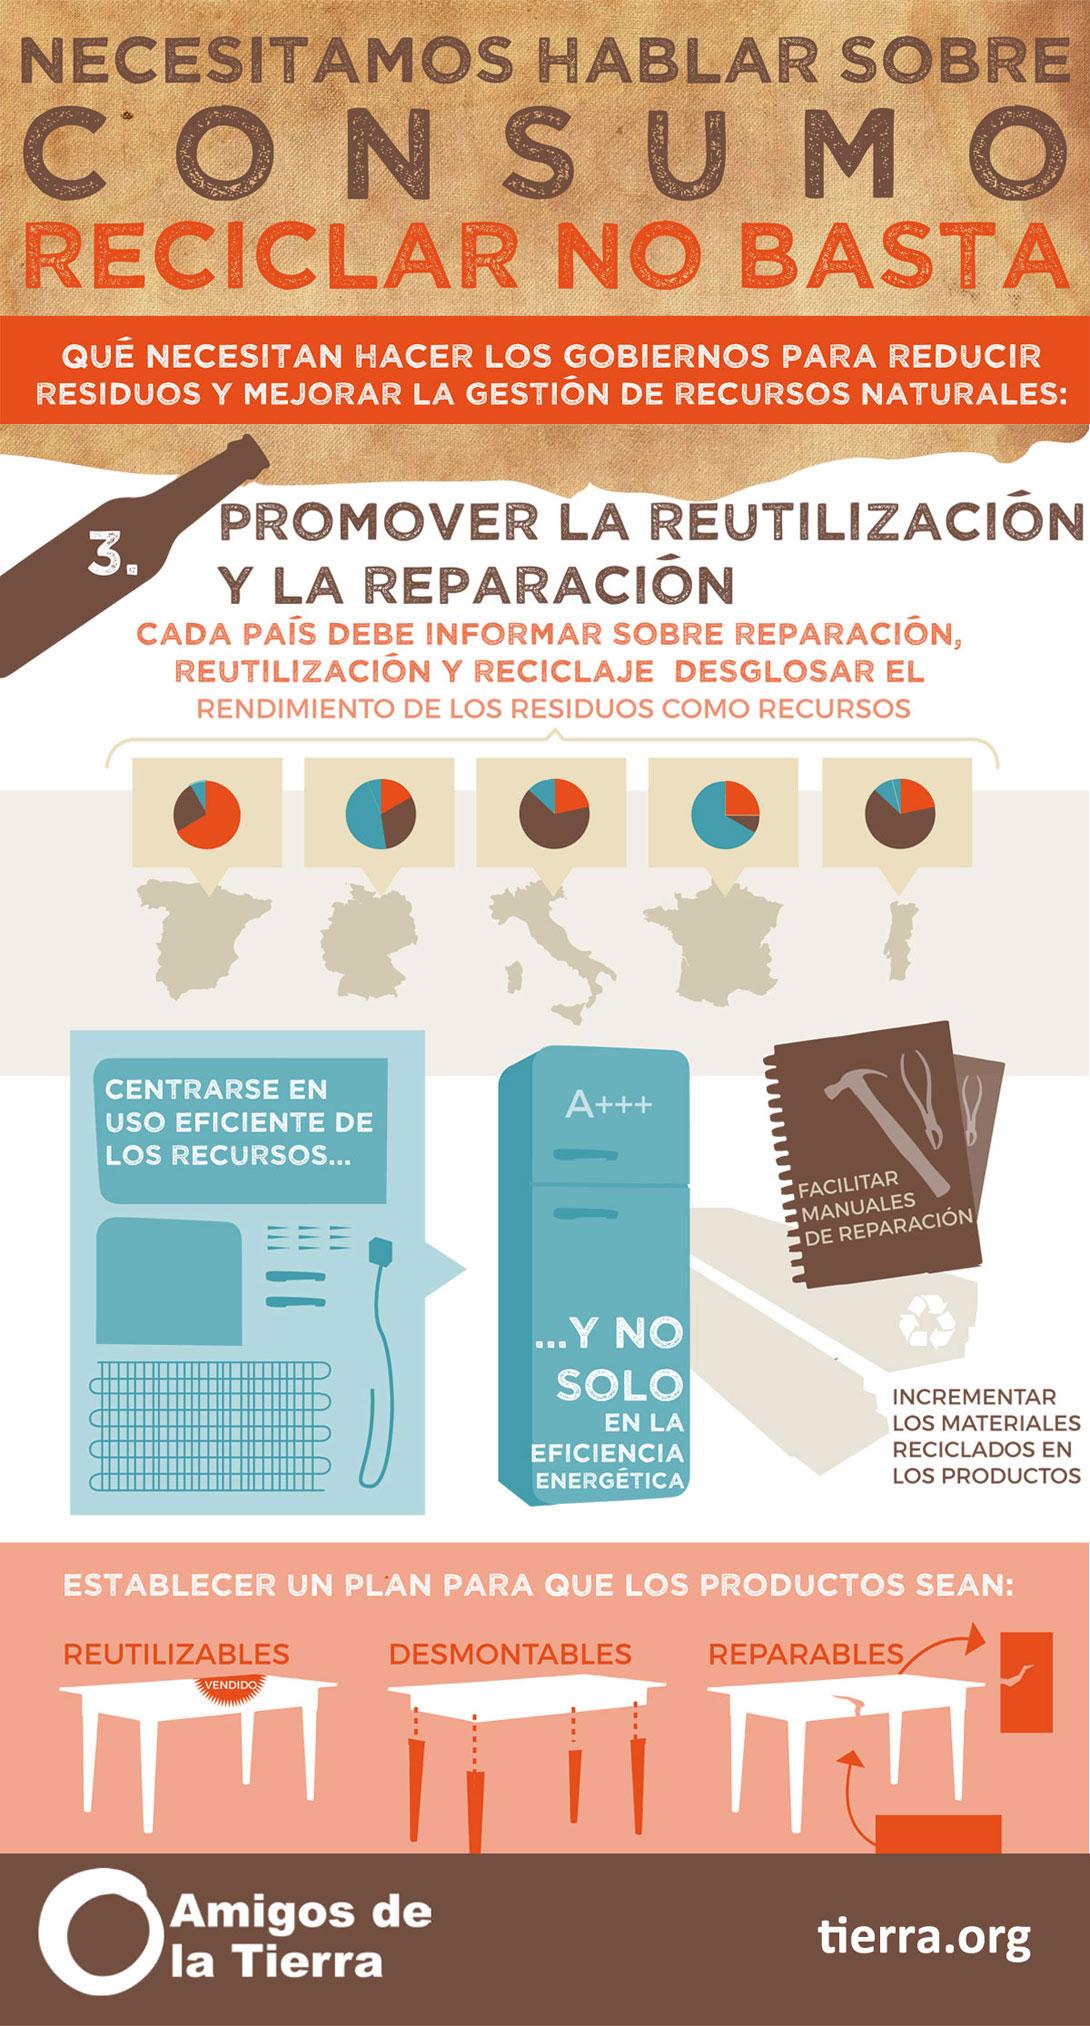 reutilizacion_reparacion_rrnn